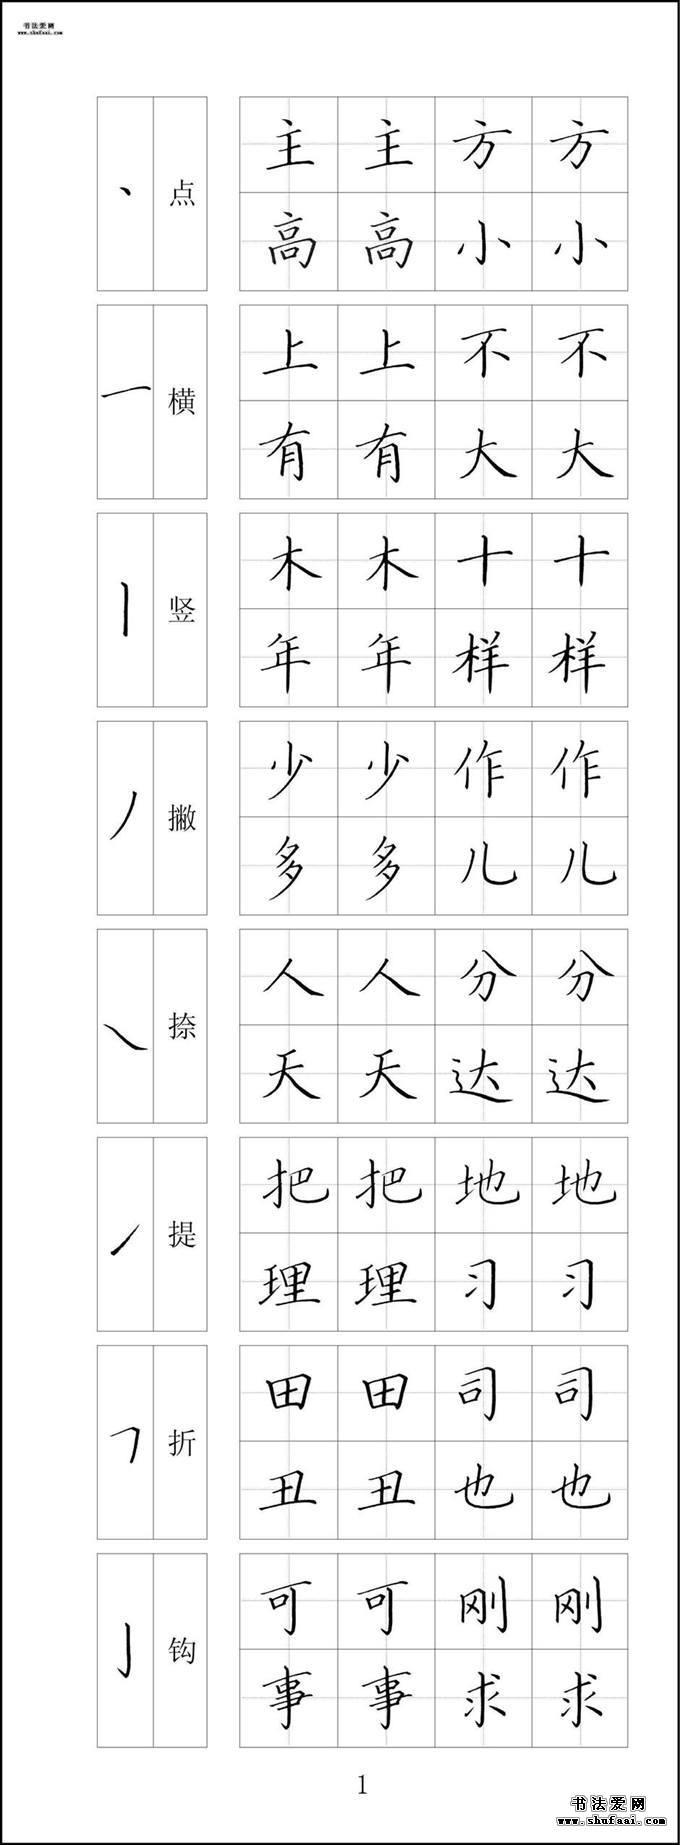 钢笔字帖全套下载  第一套:1-10张 第【1】张